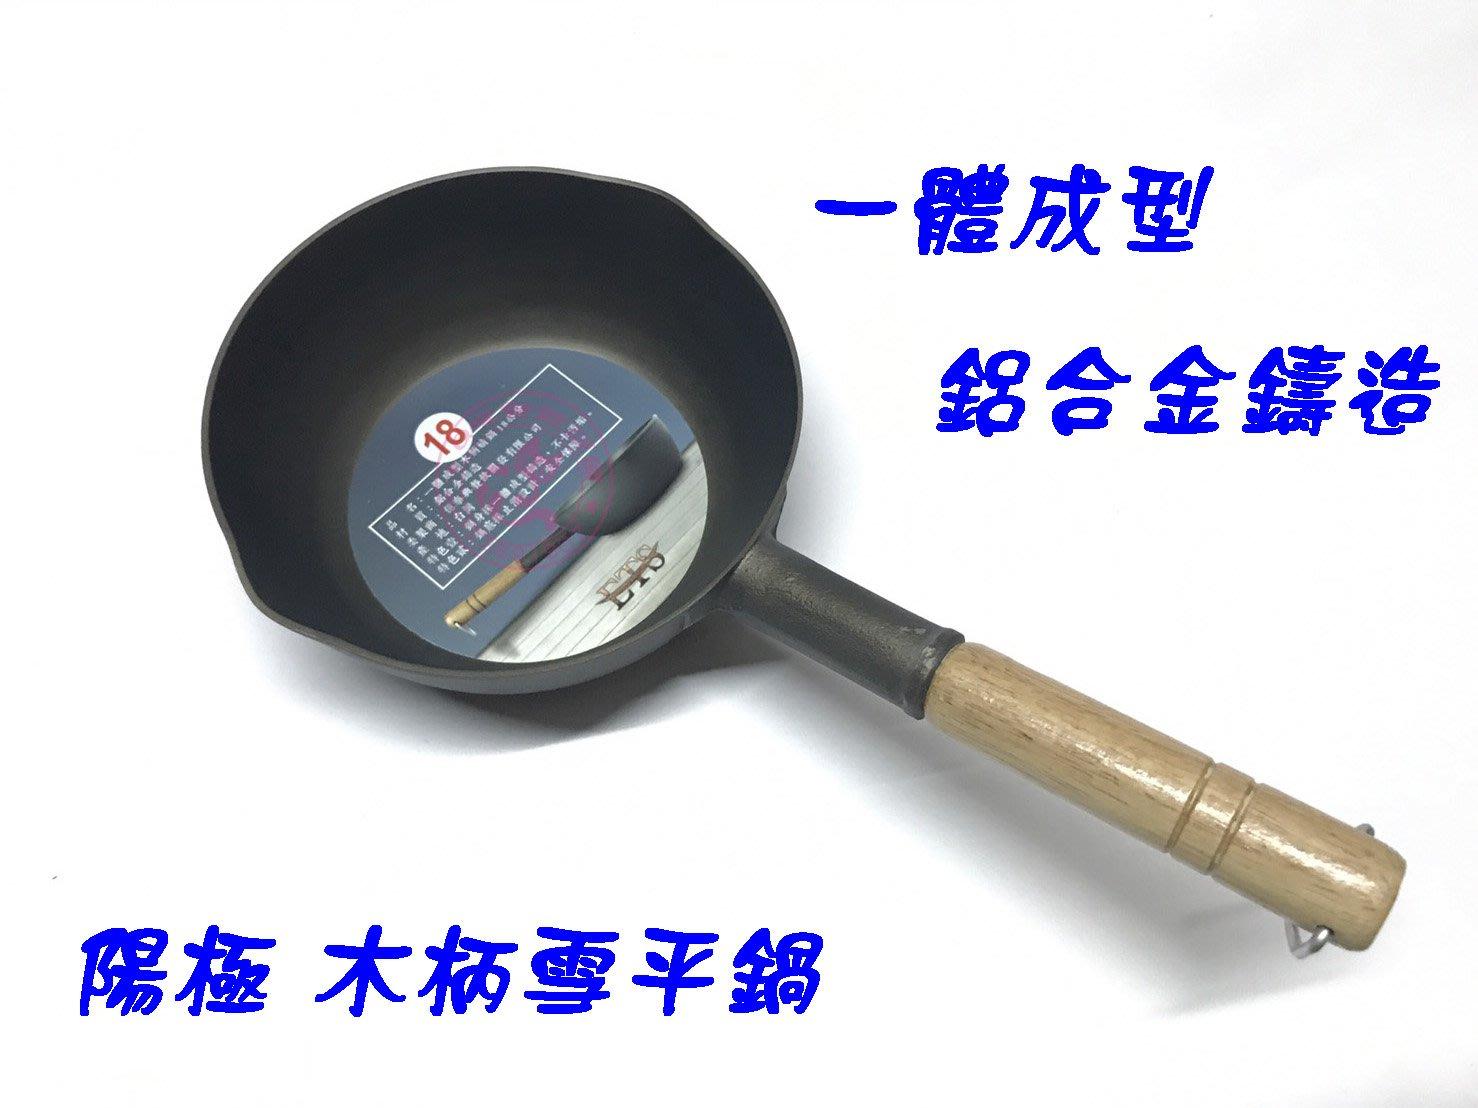 【Q咪餐飲設備】20cm 一體成型 陽極 木柄雪平鍋/鋁合金雪平鍋/鍋燒麵/海鮮鍋/廣東粥